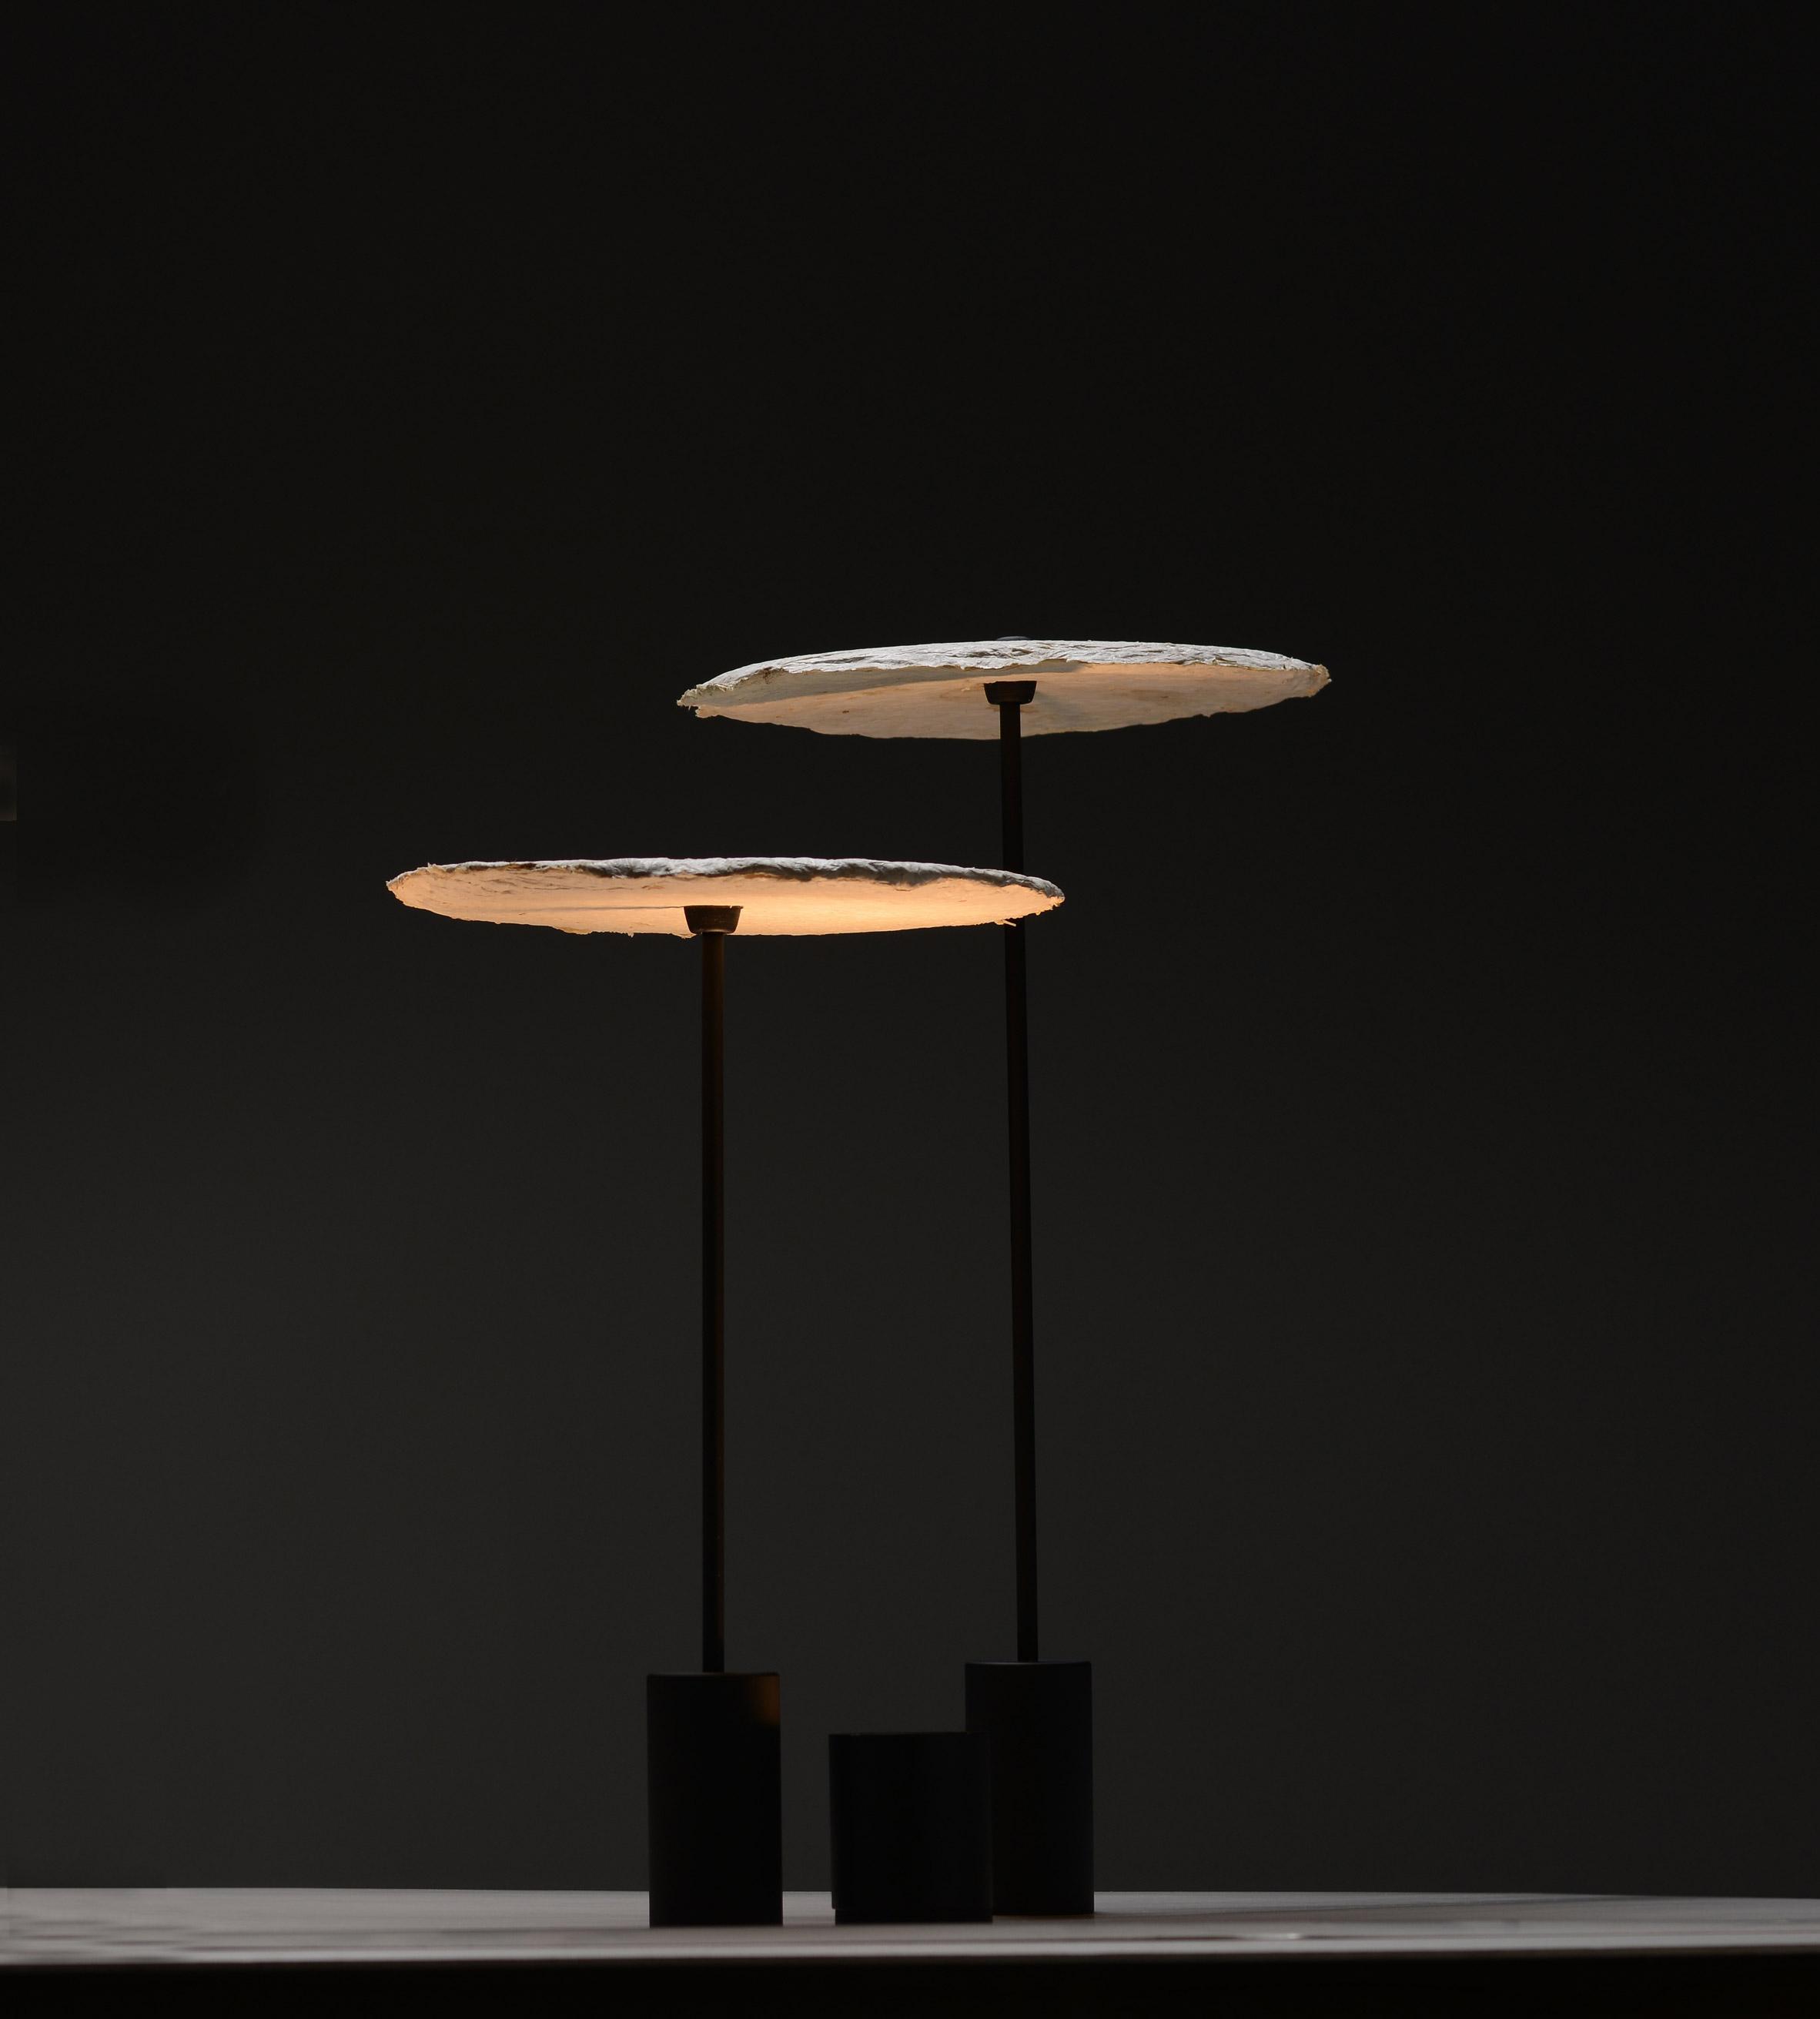 mycelium-lights-design_dezeen_2364_col_0.jpg